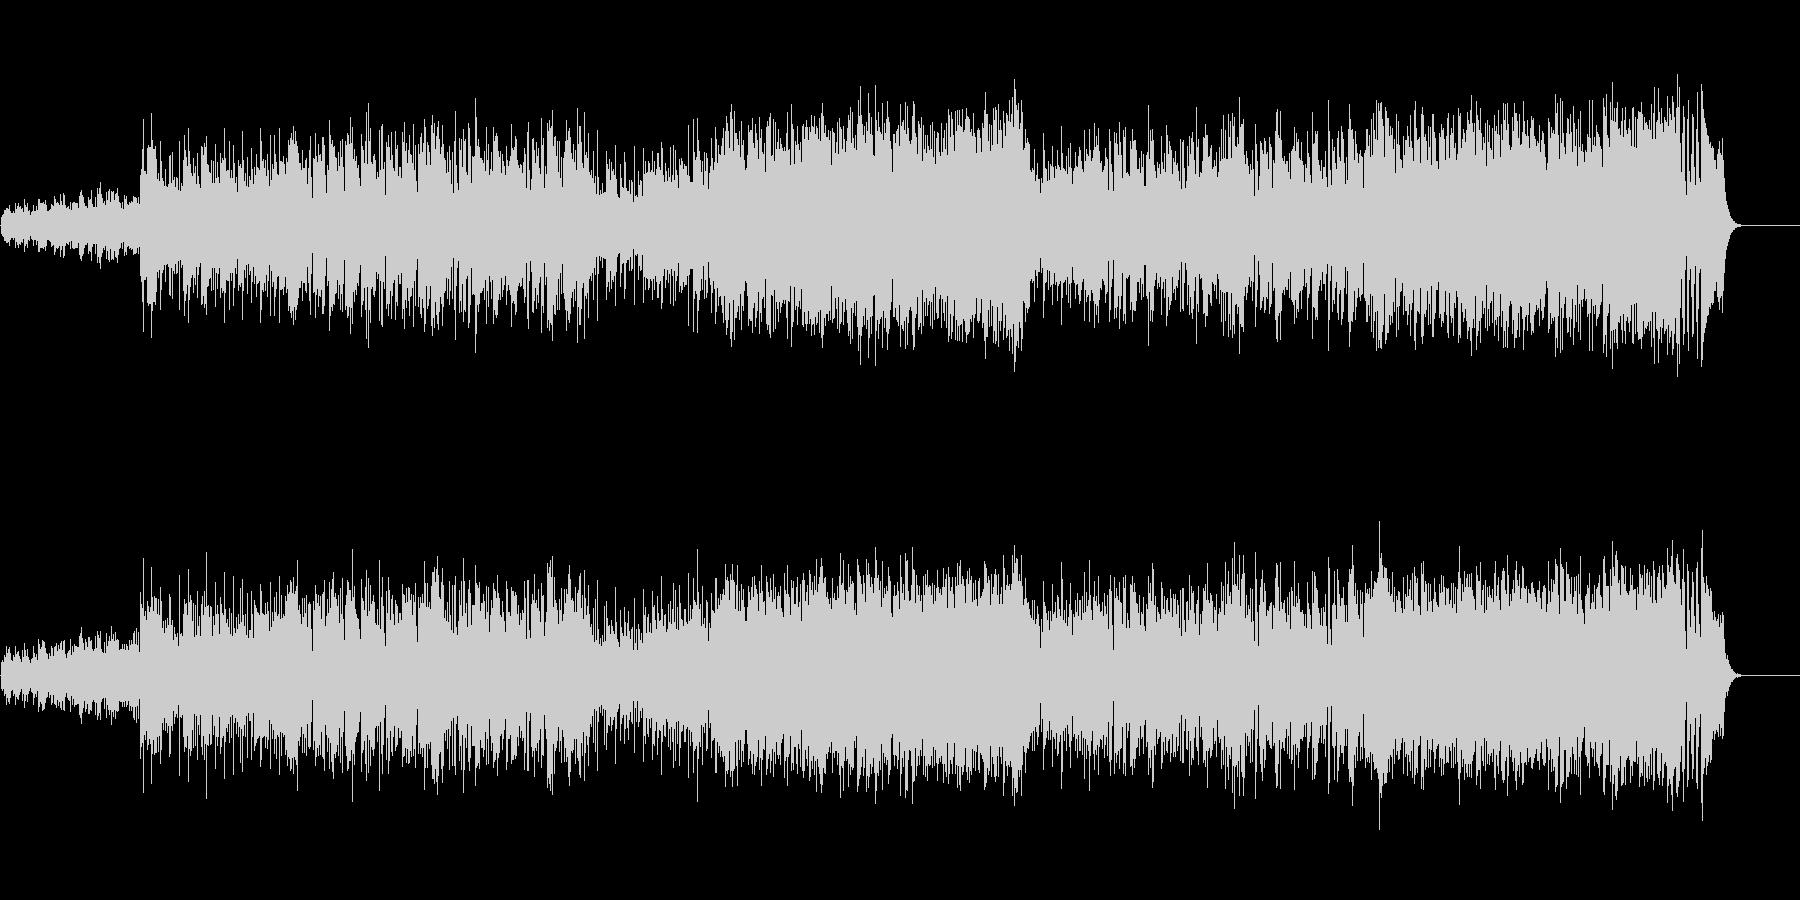 ポップ/ロック(はつらつ路線)の未再生の波形